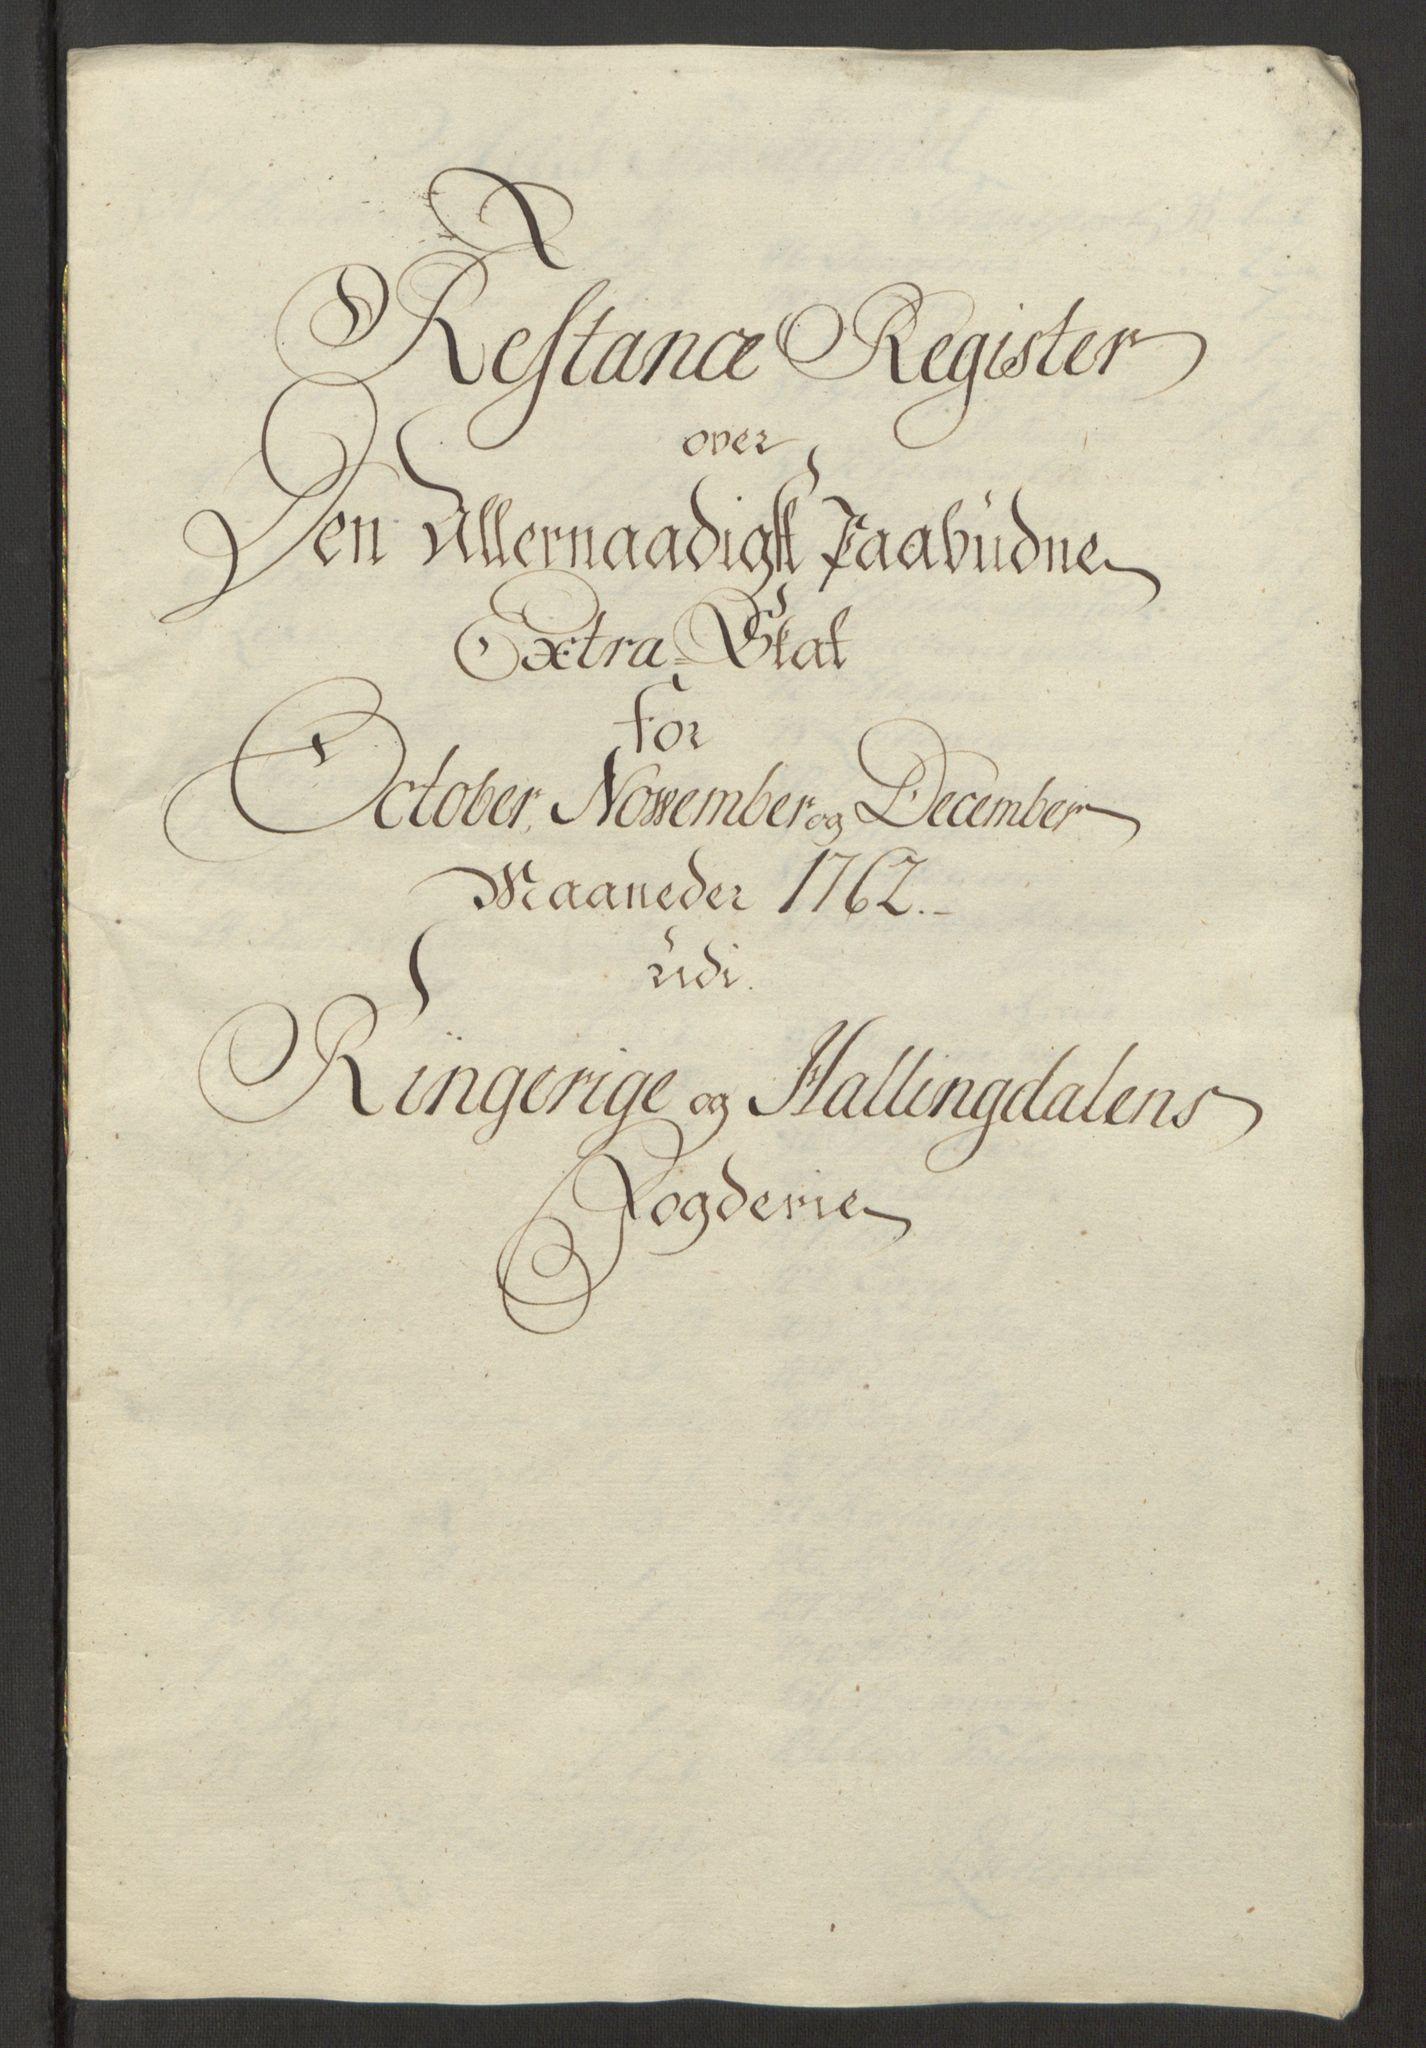 RA, Rentekammeret inntil 1814, Reviderte regnskaper, Fogderegnskap, R23/L1565: Ekstraskatten Ringerike og Hallingdal, 1762-1763, s. 333